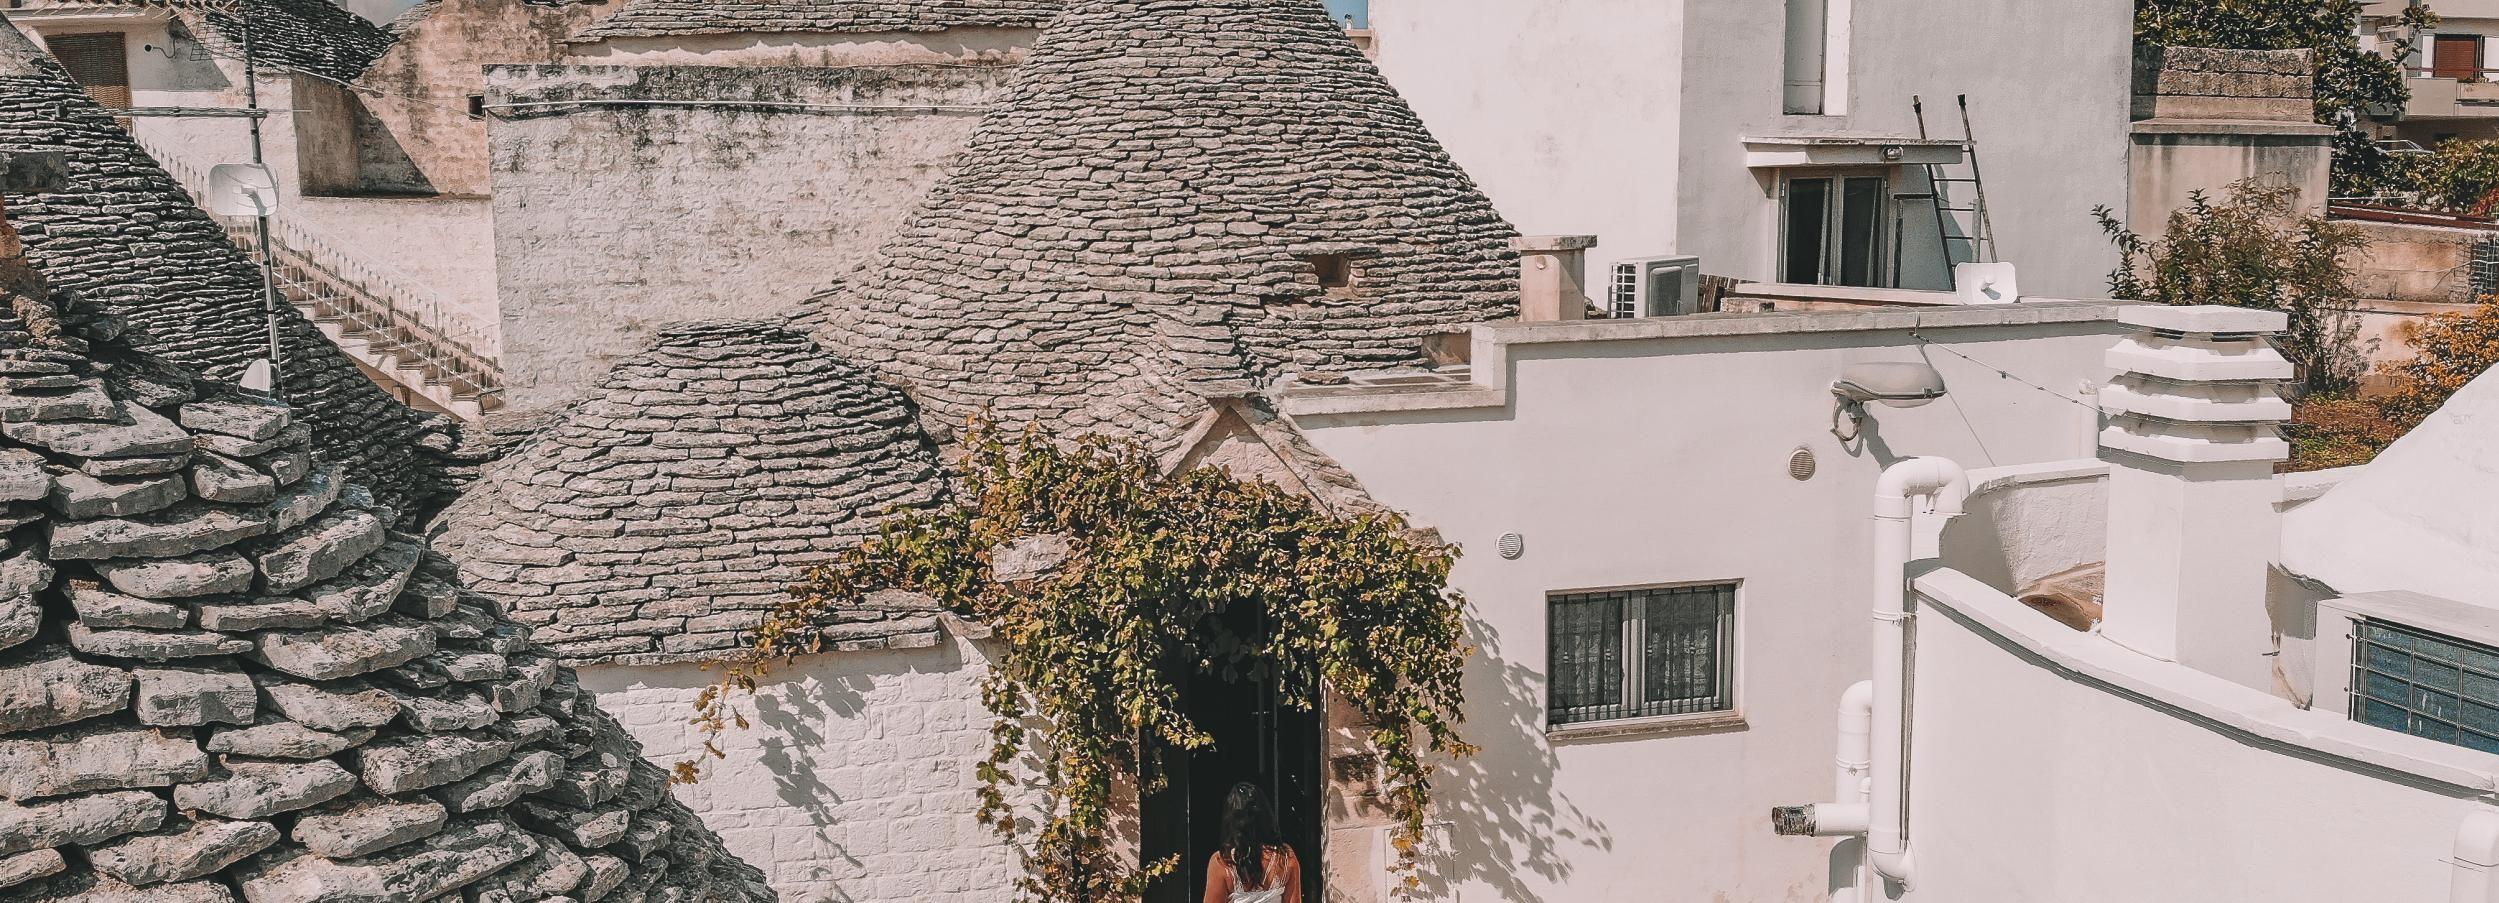 Alberobello: 4-Hour Tour from Matera